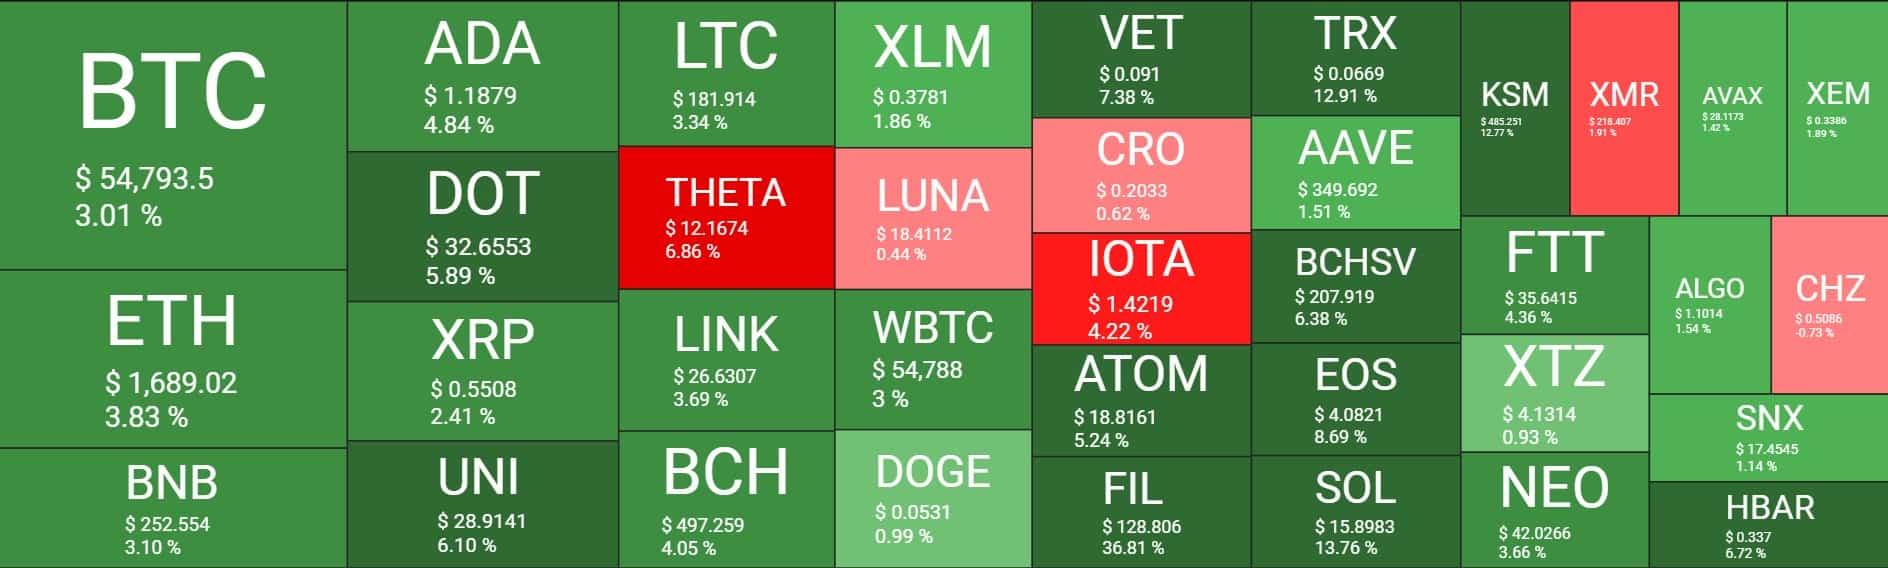 Cryptocurrency Piyasasına Genel Bakış. Kaynak: Kriptoyu Ölçün